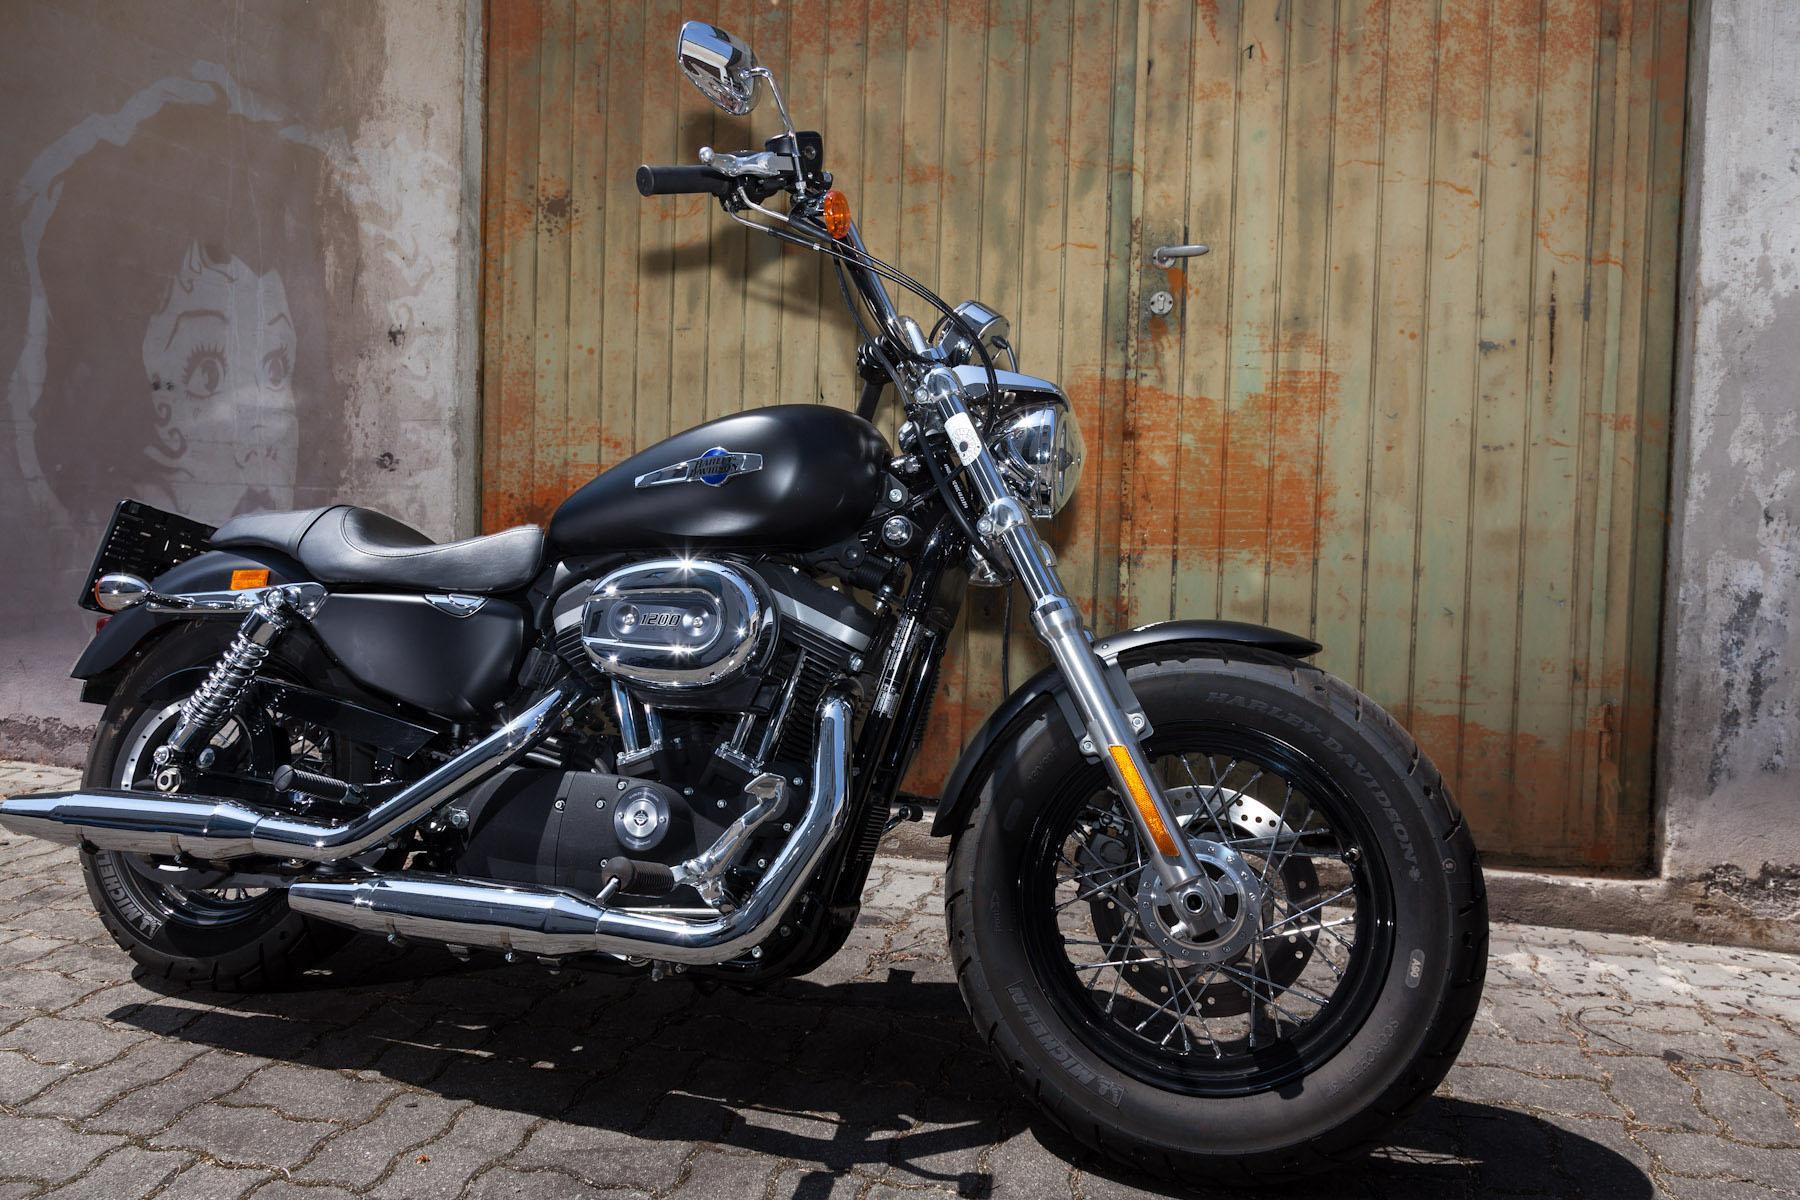 http://www.motorrad-bilder.at/slideshows/291/009840/harley_davidson_sportster_custom_limeted_2013-2_bearbeitet.jpg